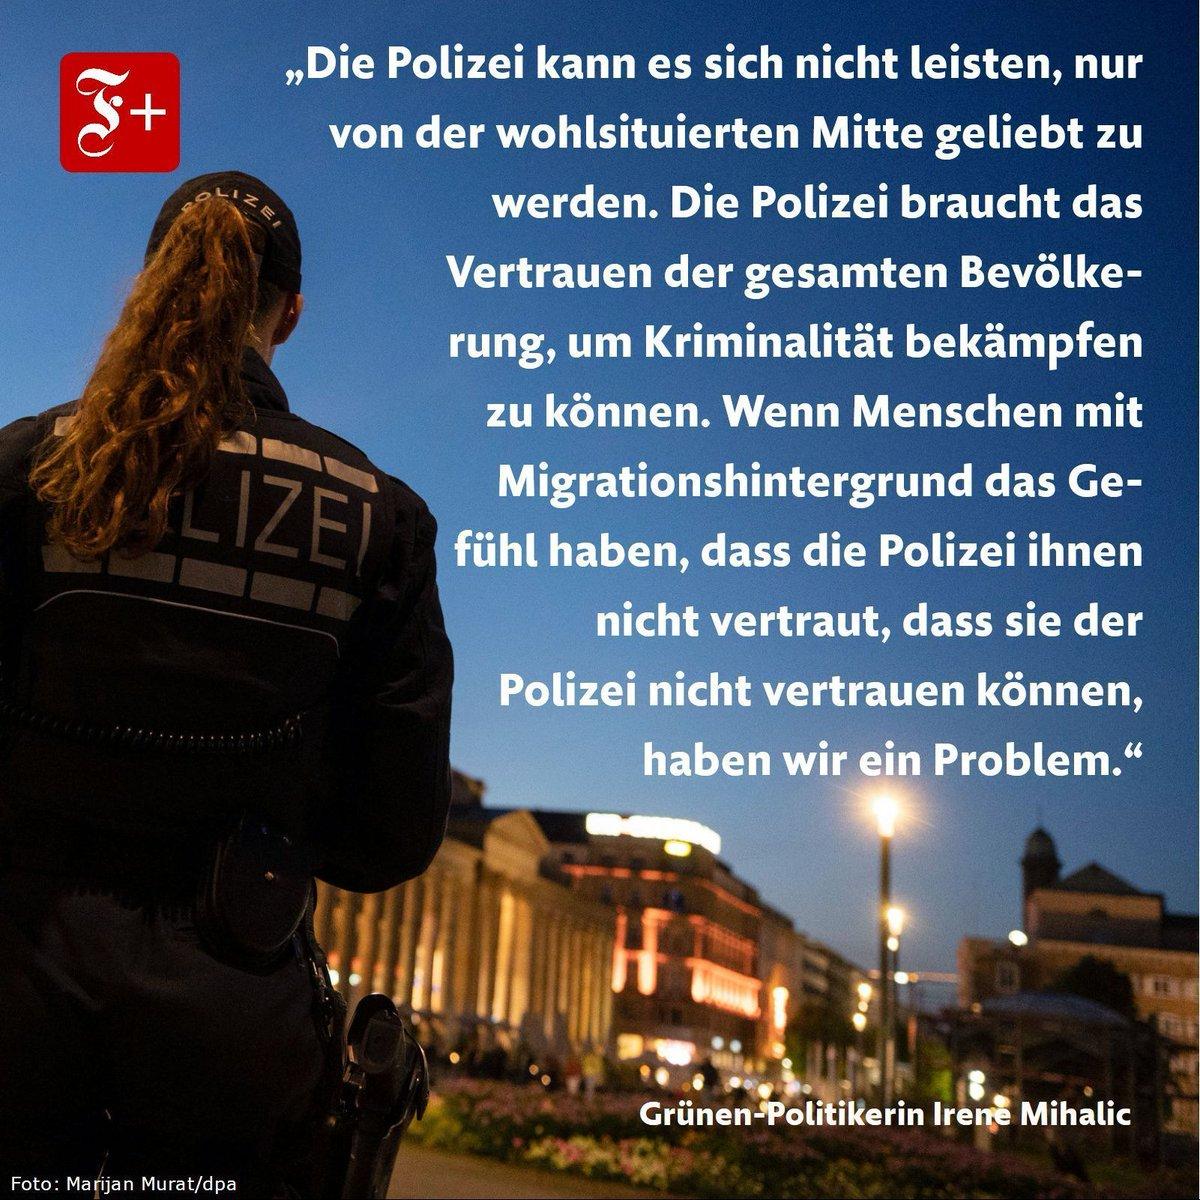 Früher fuhr die Bundestagsabgeordnete @IreneMihalic selbst Streife. Ihre Partei @GrueneBundestag habe inzwischen Vertrauen in die Polizei gefasst. buff.ly/3glolfj